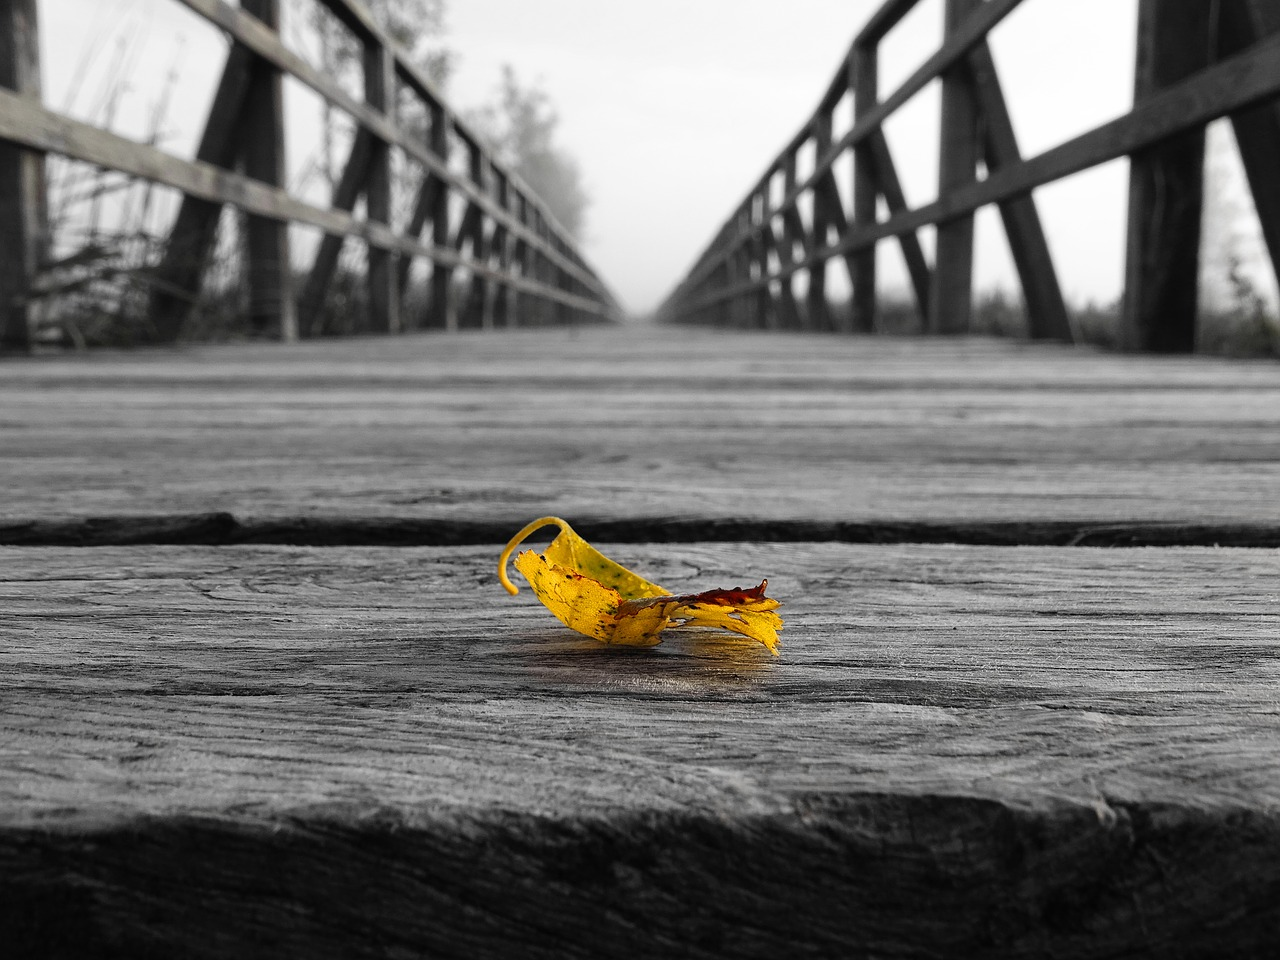 モノクロの橋に落ちた色付きの葉(価値あるものへの気付き)